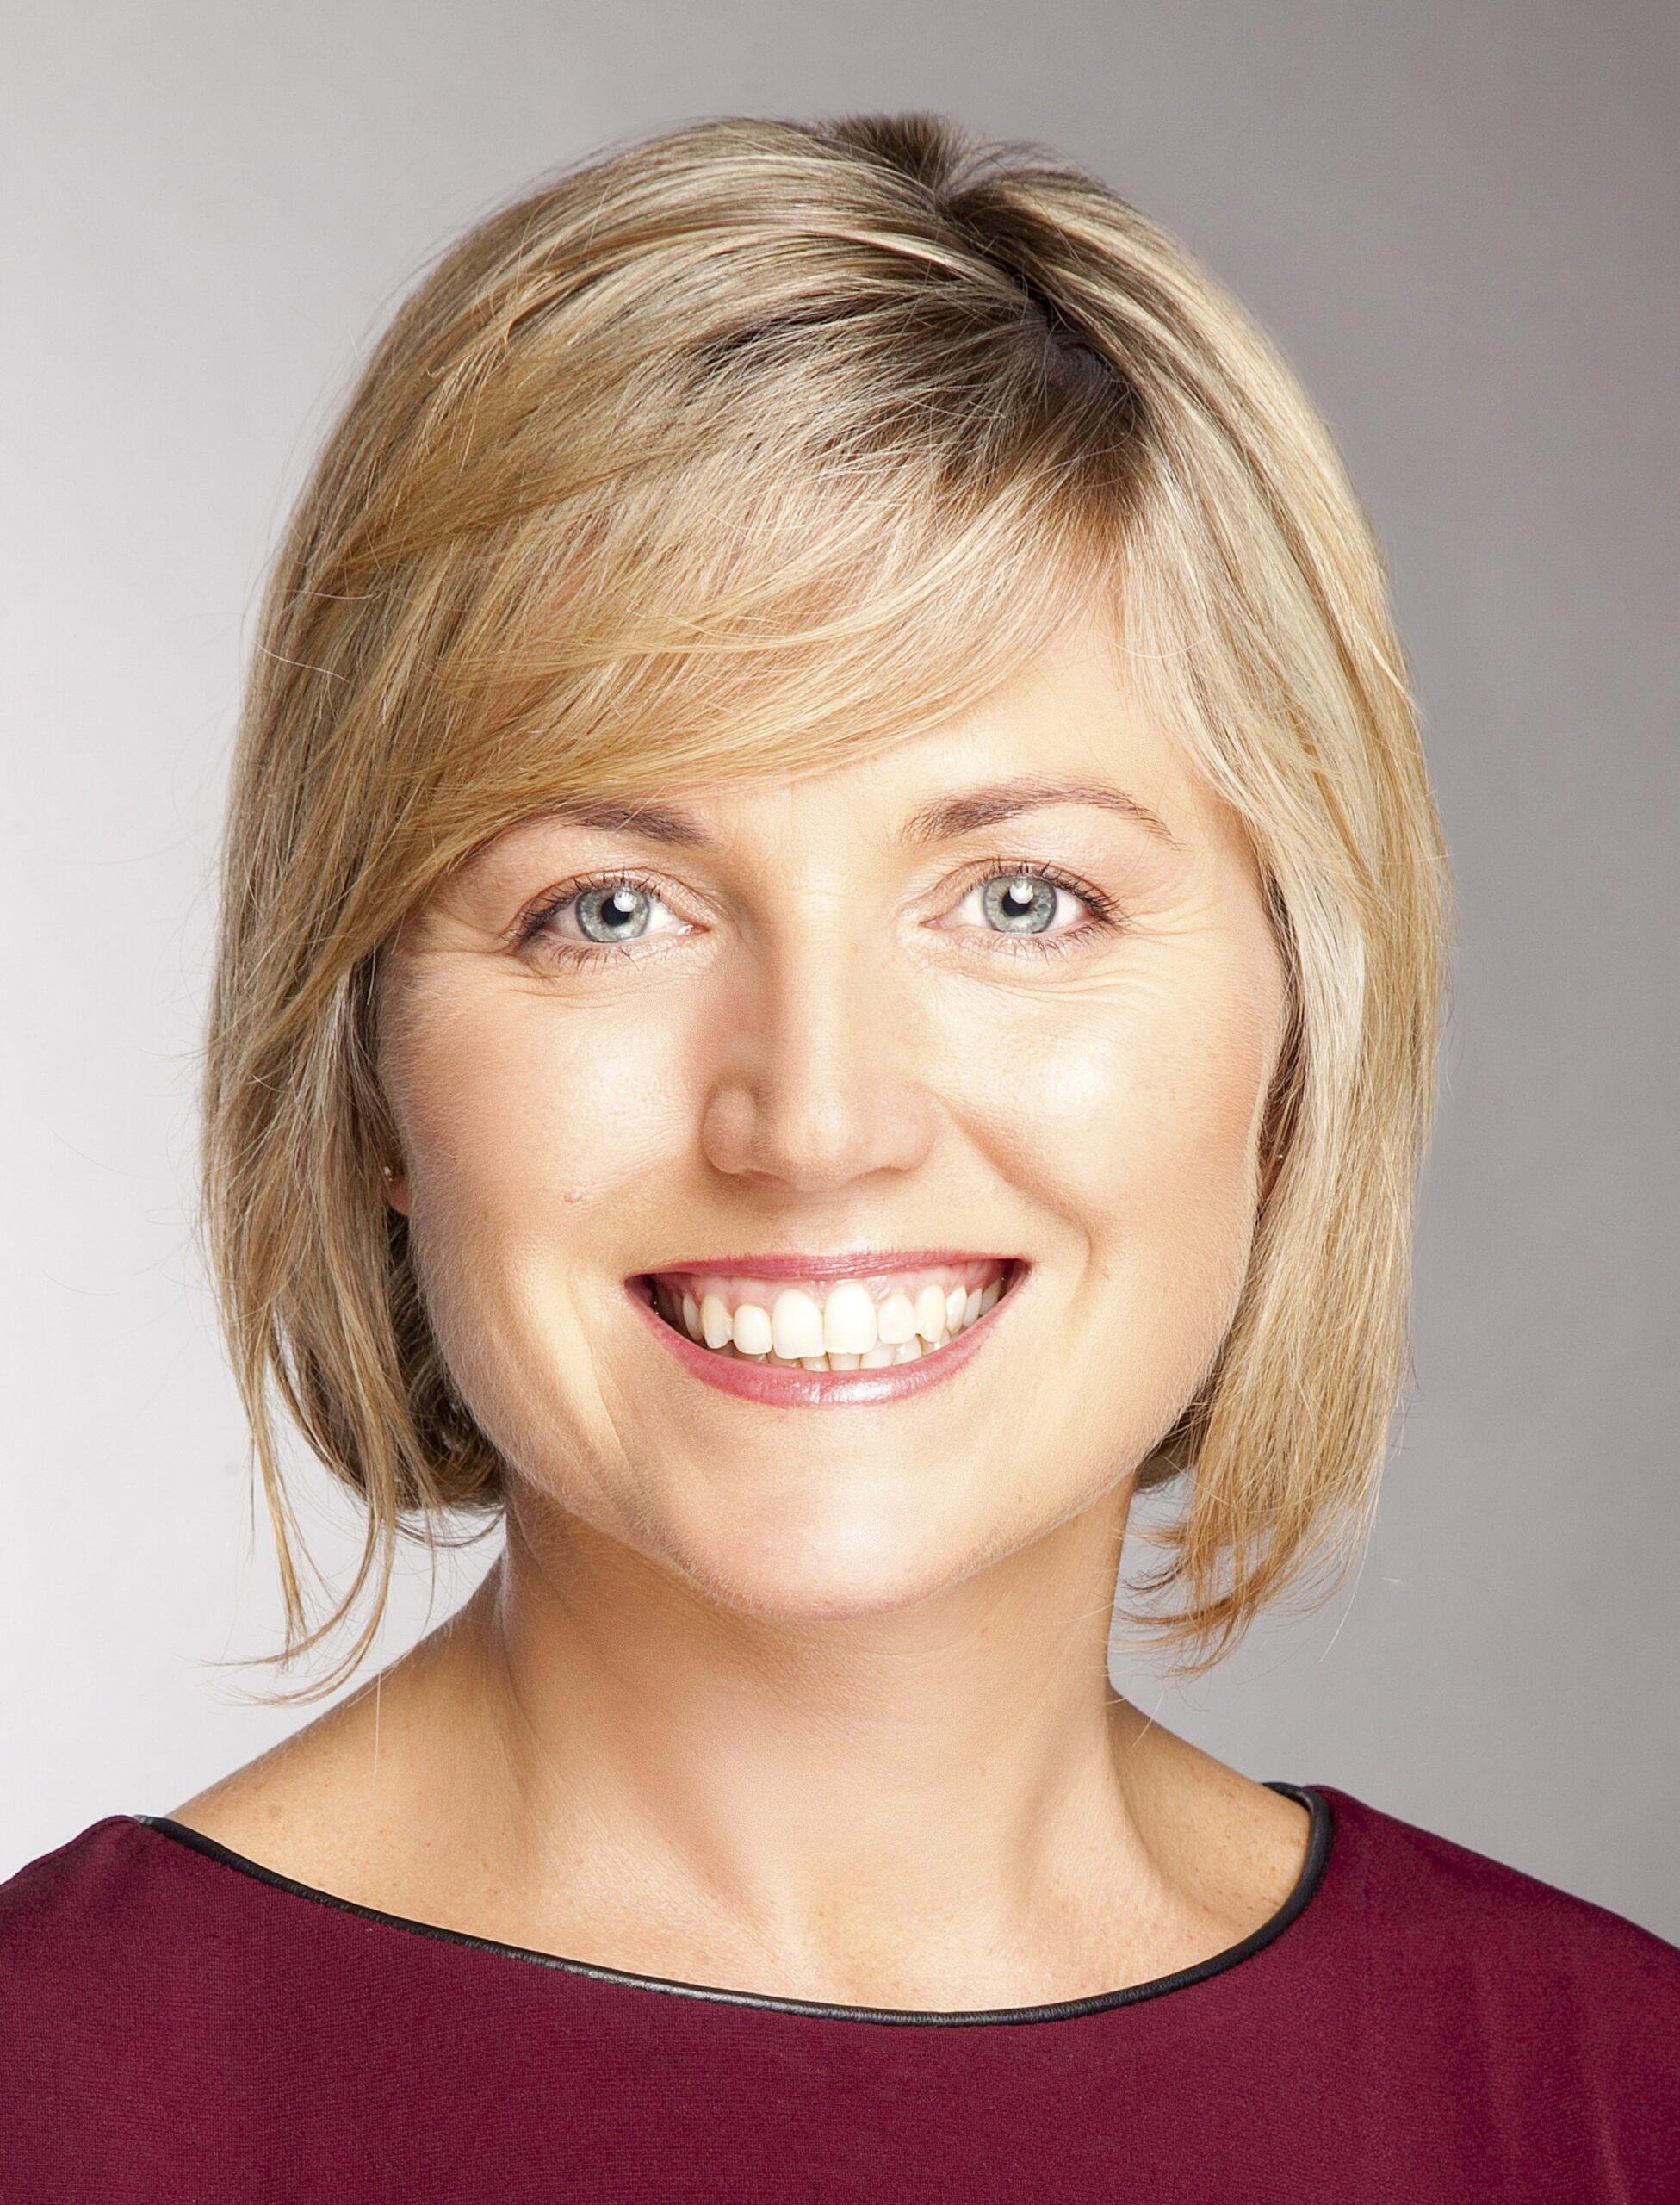 Cllr Sharon Tolan